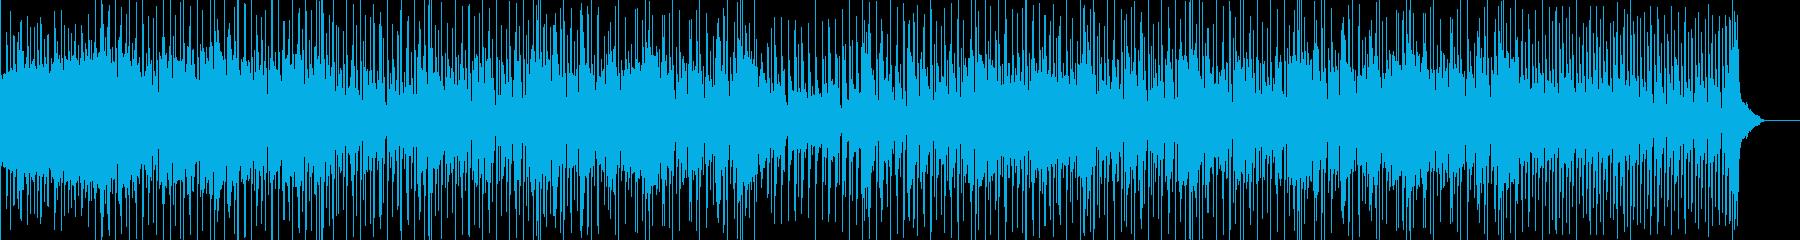 何となくユーモラスな感じのポップス曲の再生済みの波形